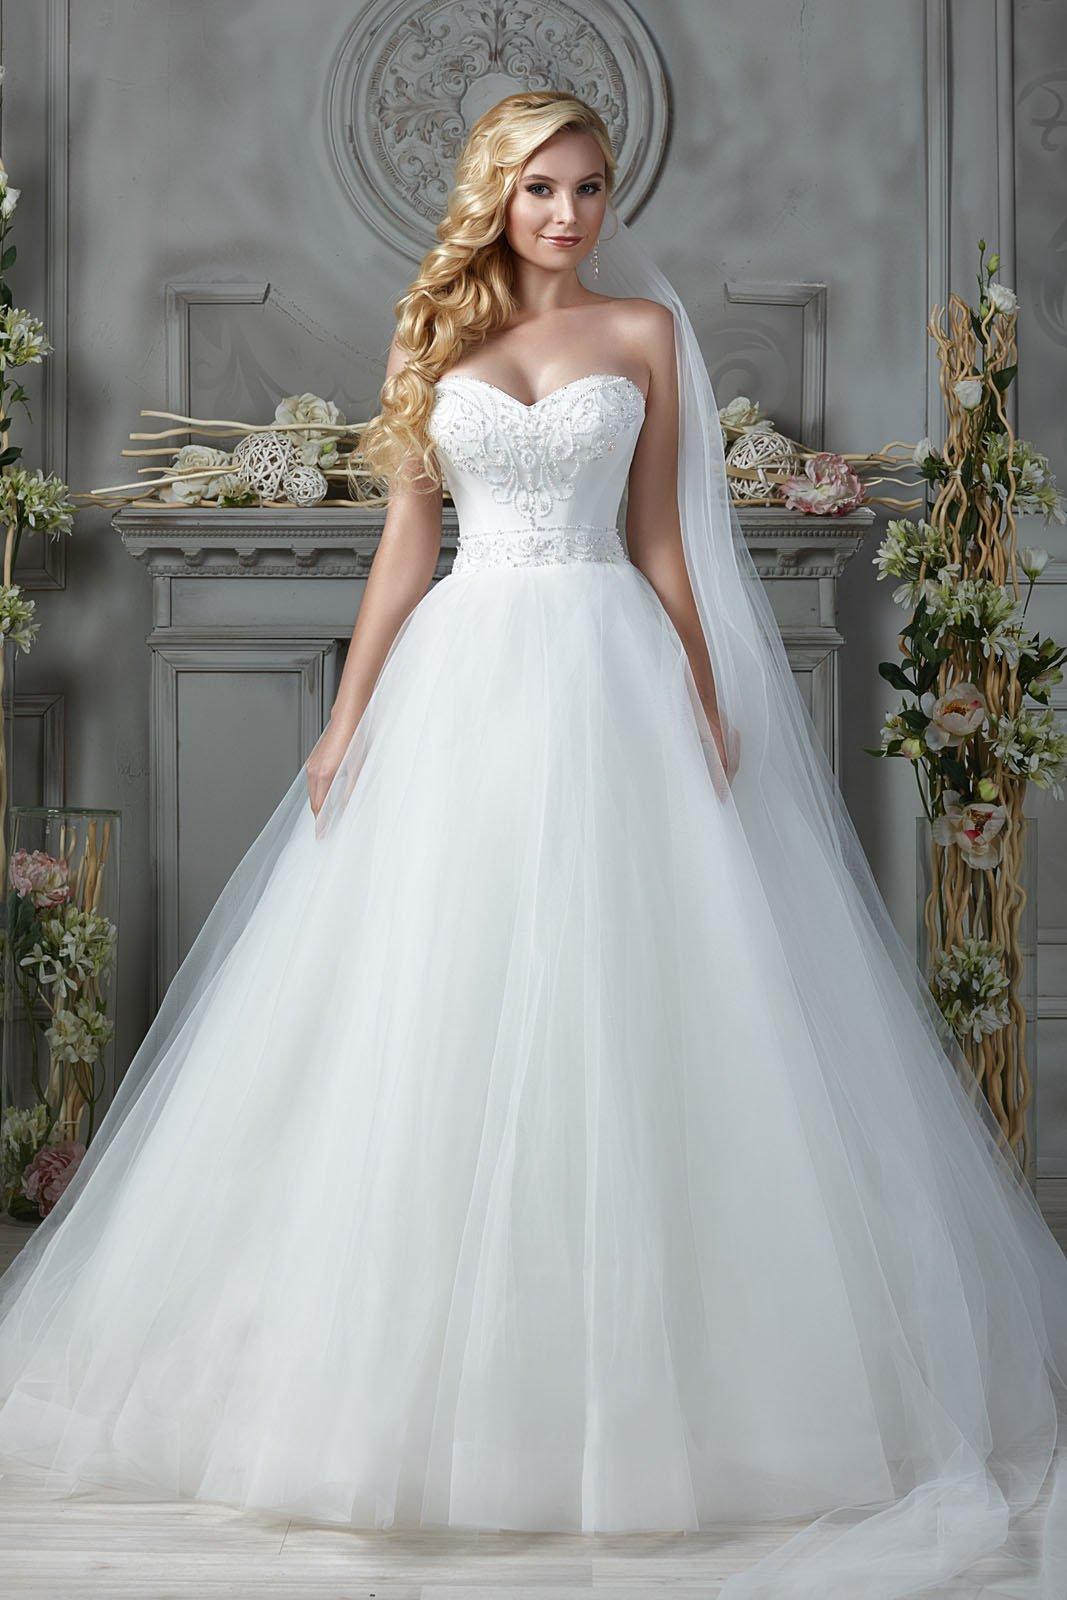 Свадебное платье с атласным корсетом, украшенным бисером.